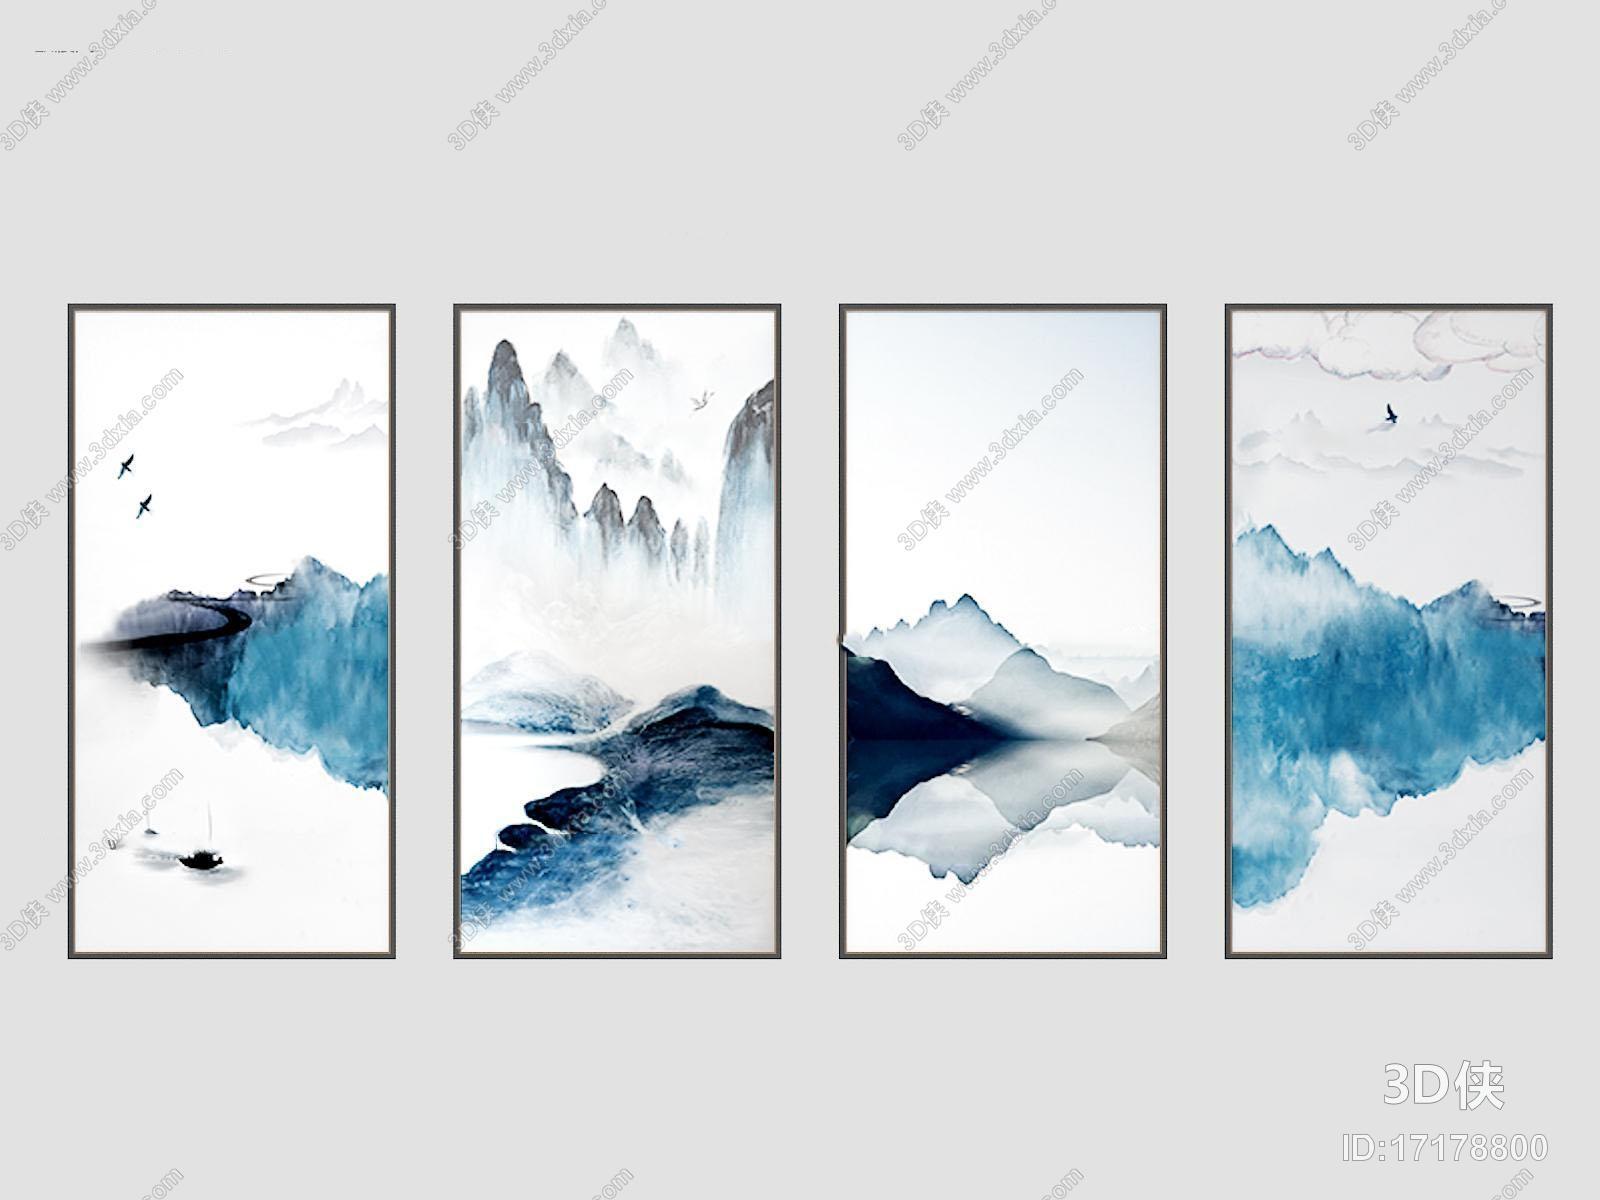 挂画效果图素材免费下载,本作品主题是现代山水装饰画组合3d模型,编号